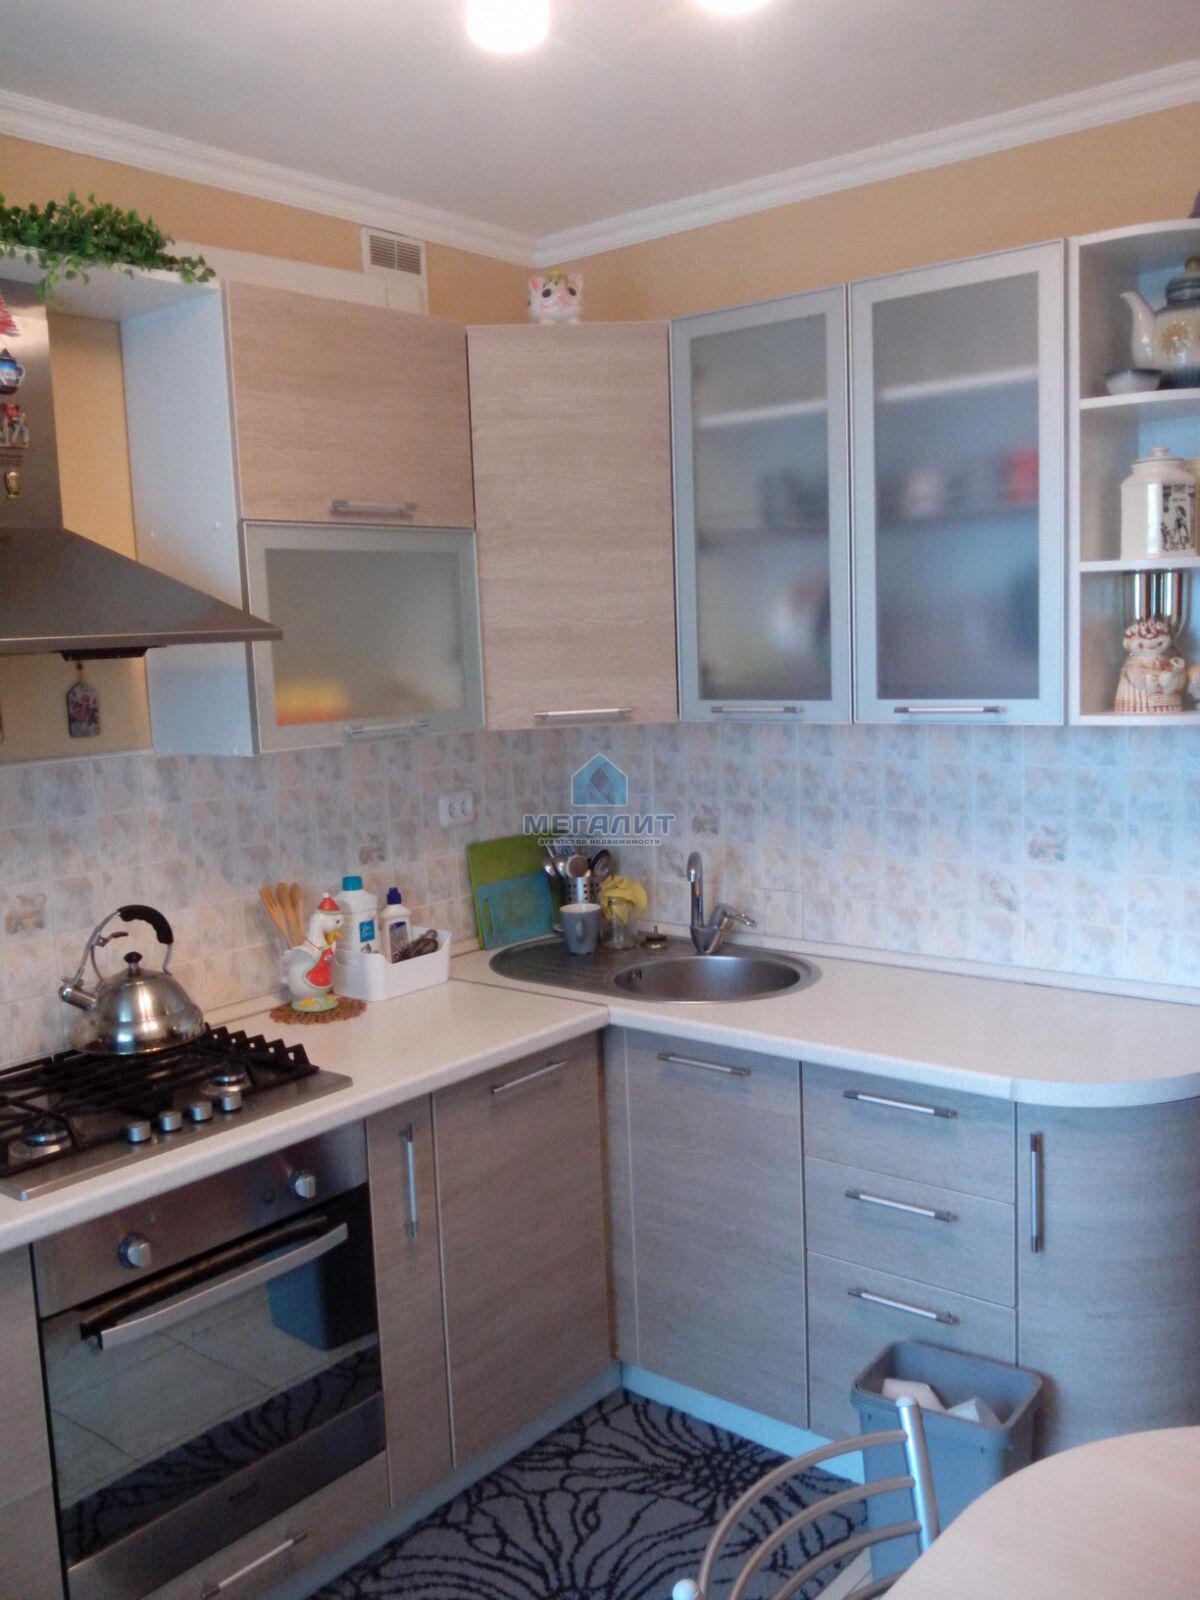 Сдается в аренду трехкомнатная квартира в Советском районе (миниатюра №5)